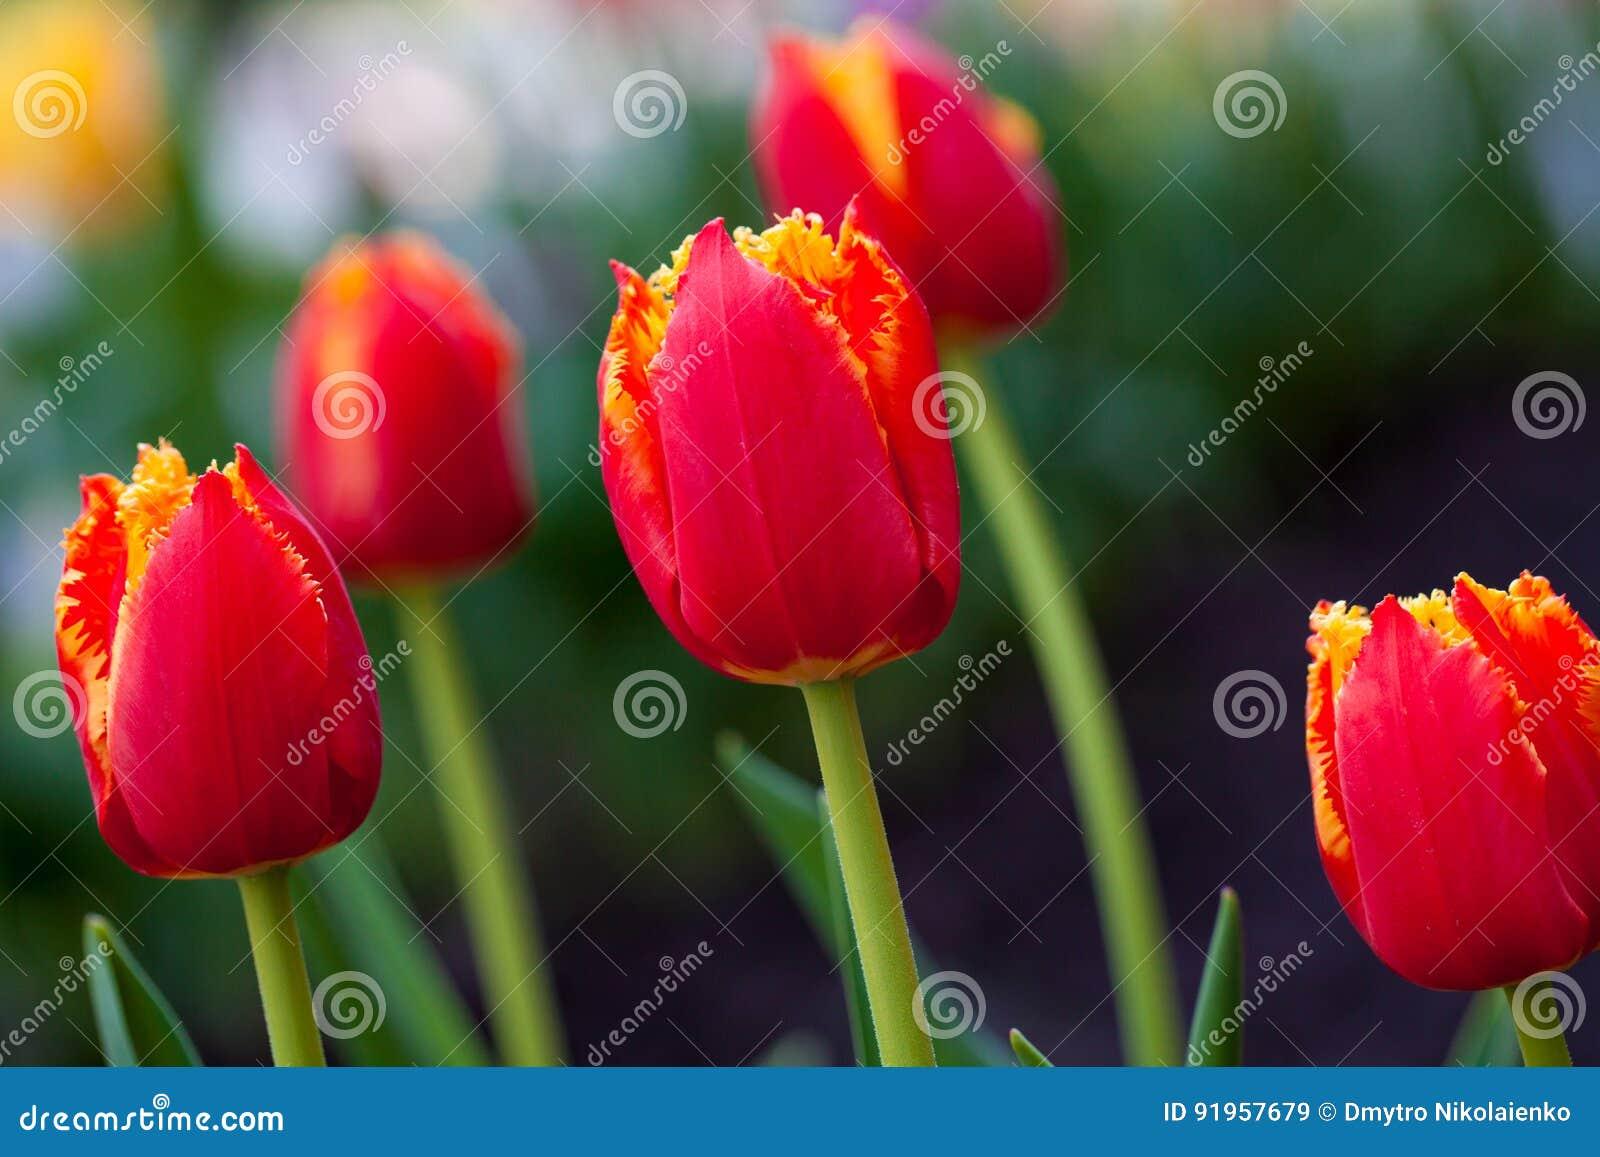 水平的抽象背景 美丽的红色郁金香 Flowerbackground, gardenflowers 背景美丽的刀片花园